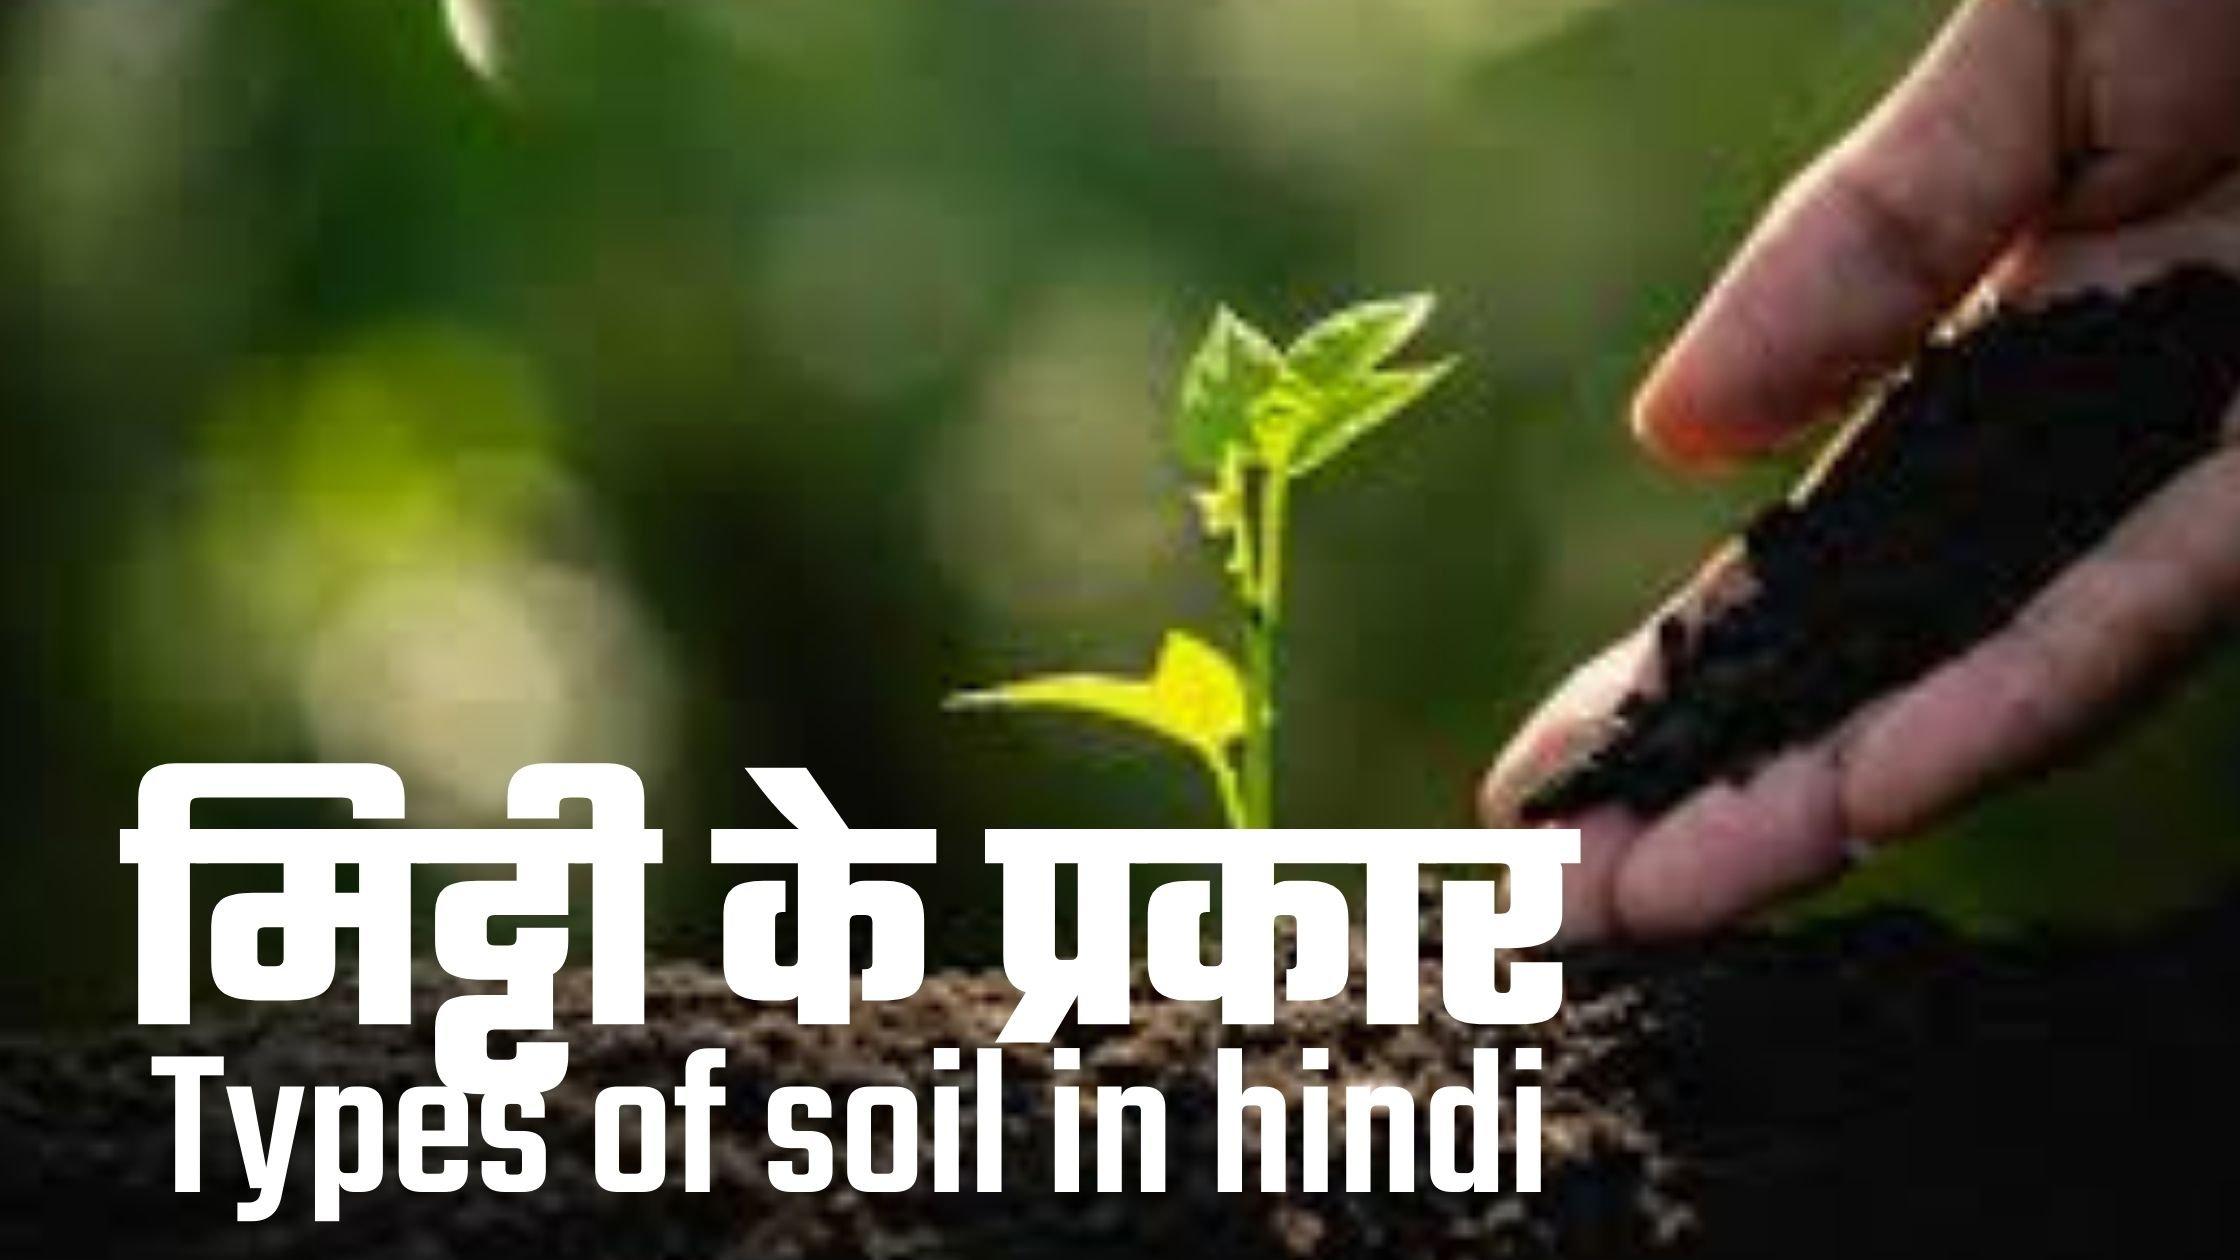 भारत की मिट्टी और मिट्टी के प्रकार | Types Of Soil In India